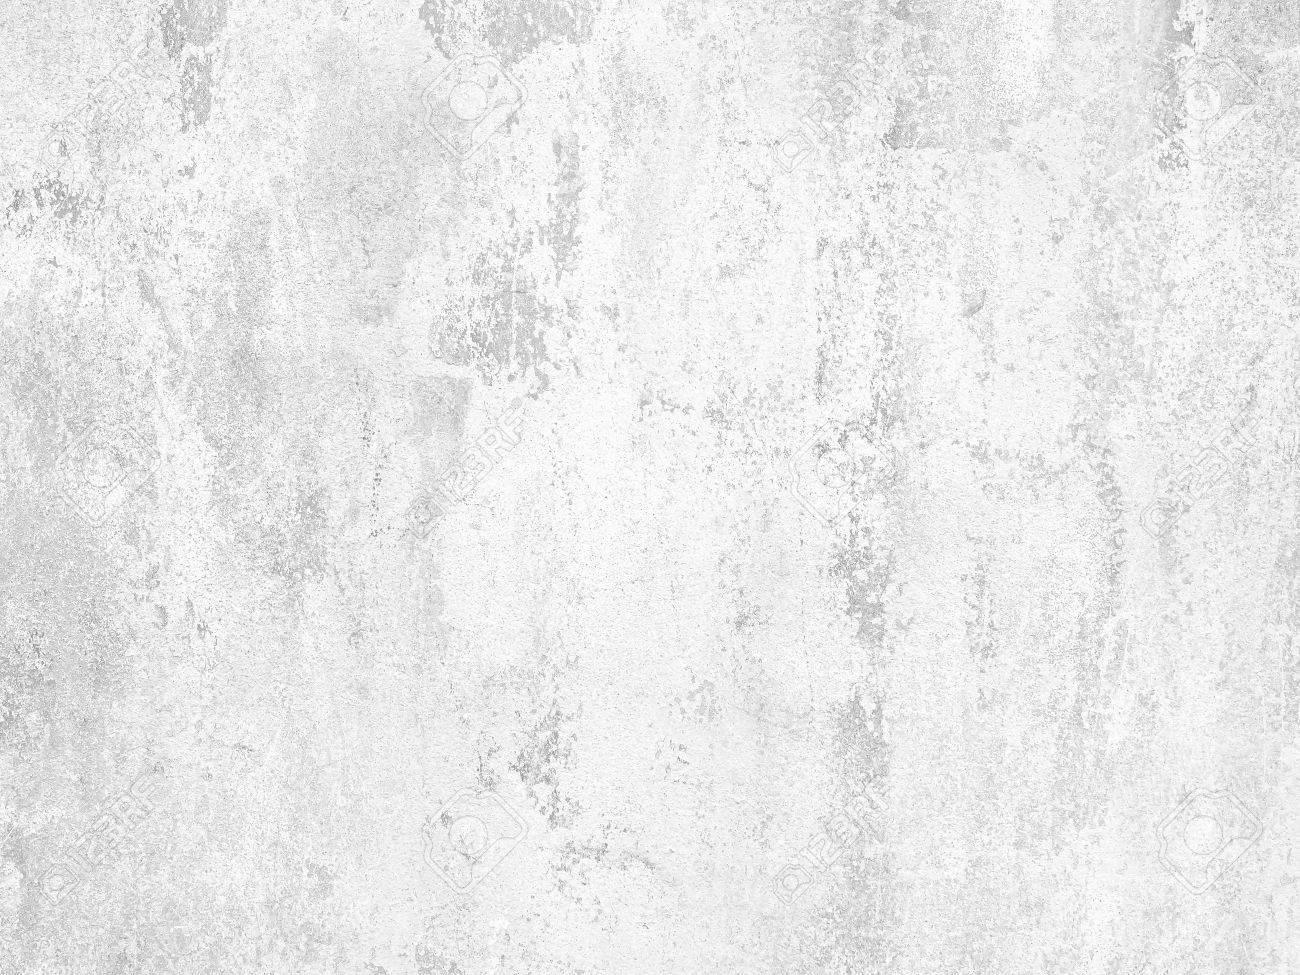 Textura De La Pared Blanca Hormigón Fotos Retratos Imágenes Y